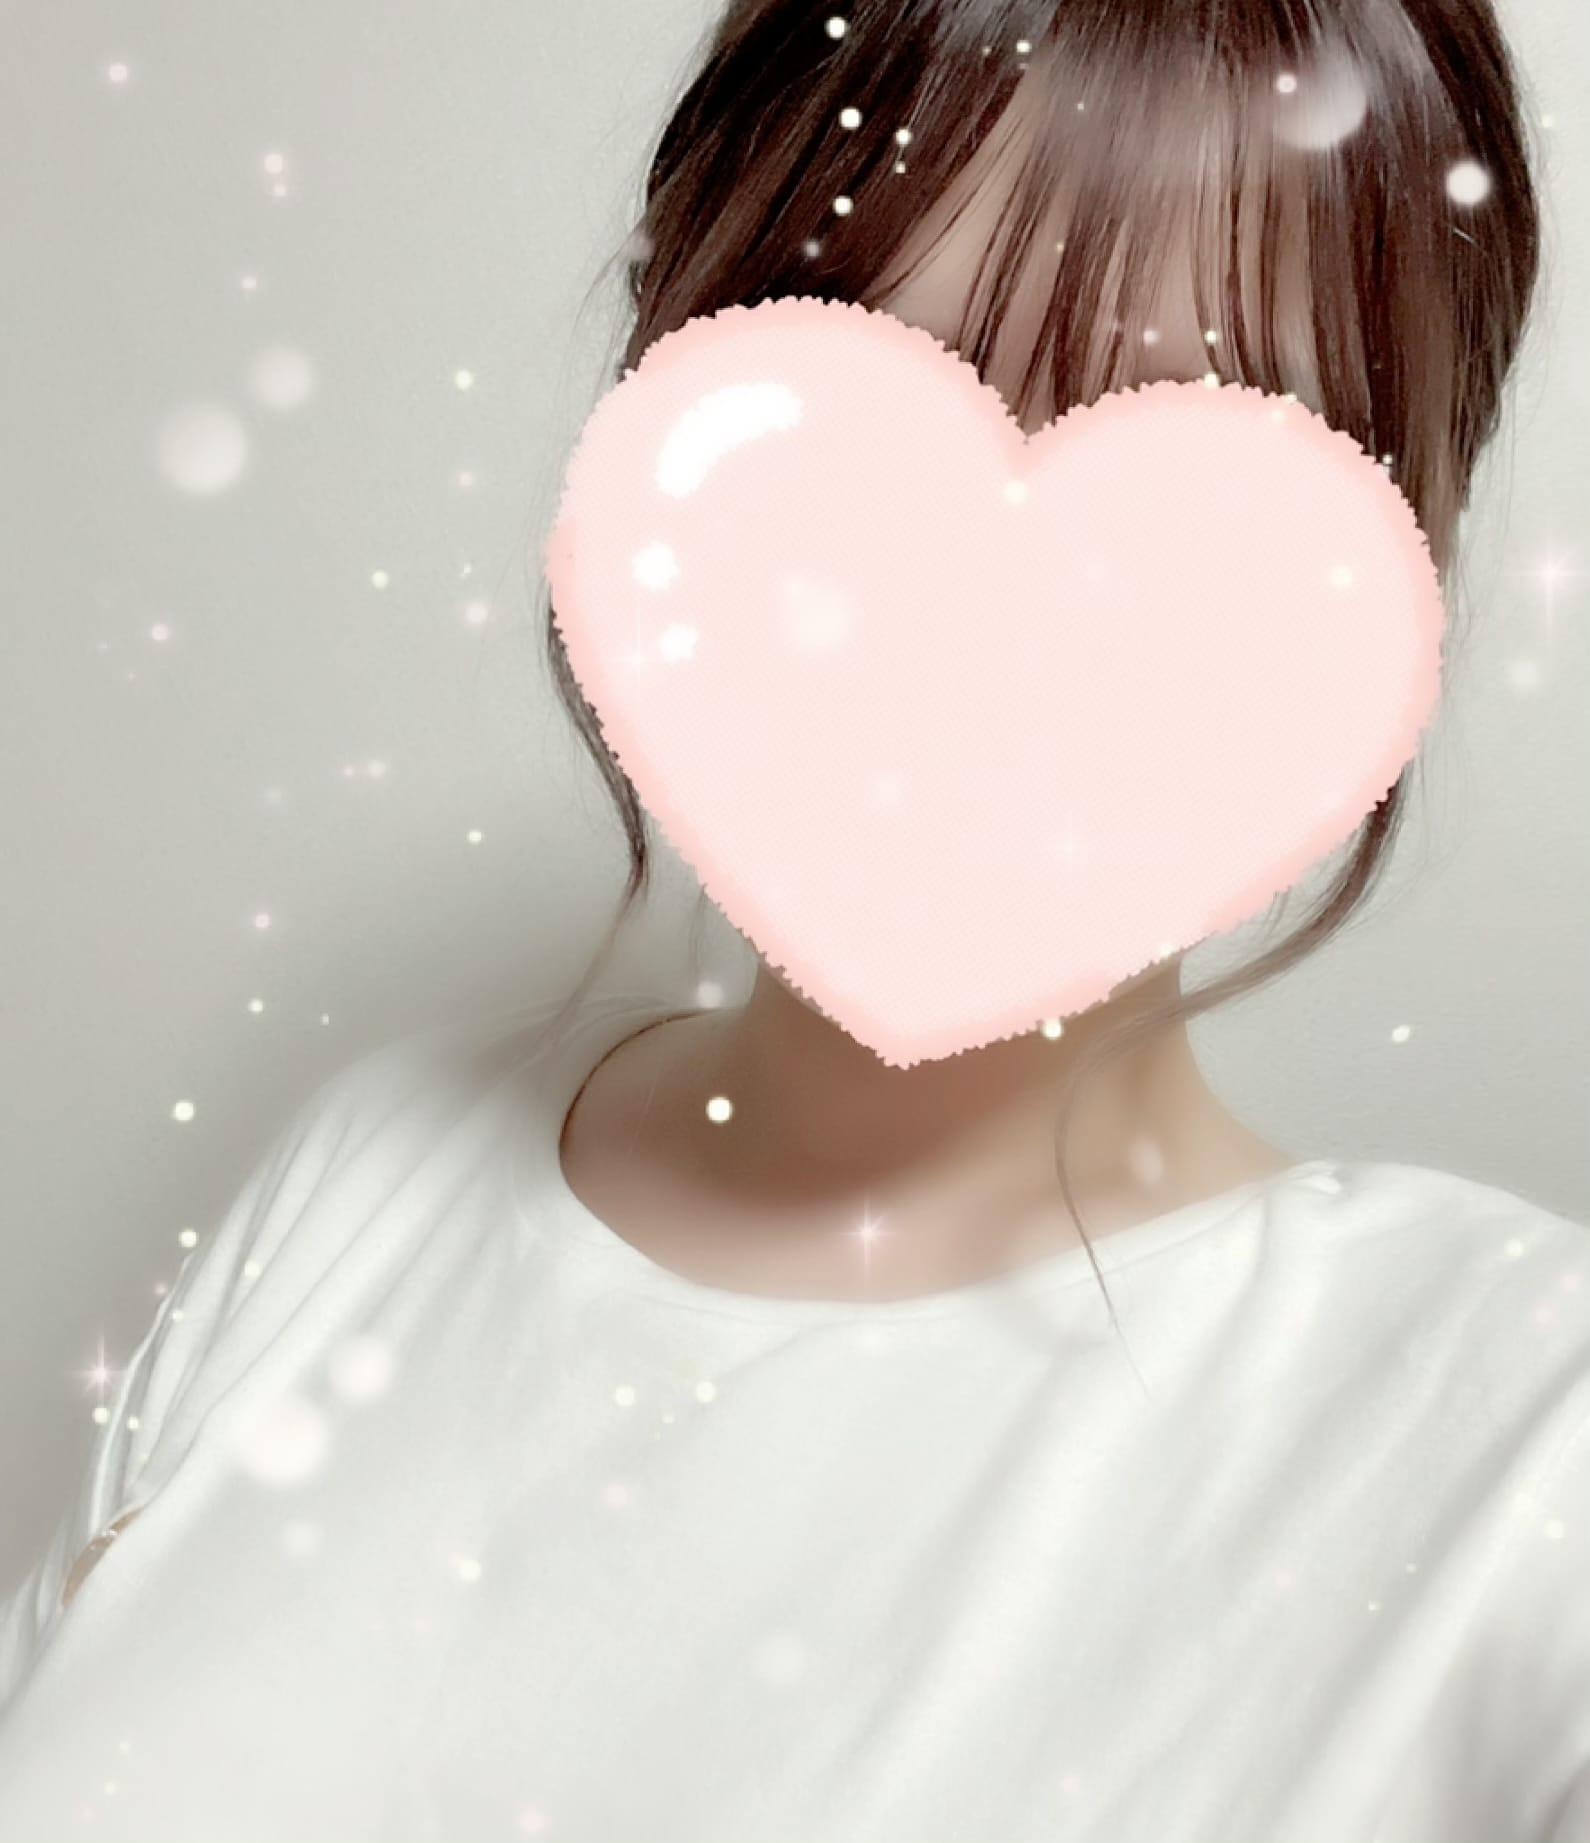 「♡お礼♡」10/18(月) 00:09 | ふたばの写メ日記